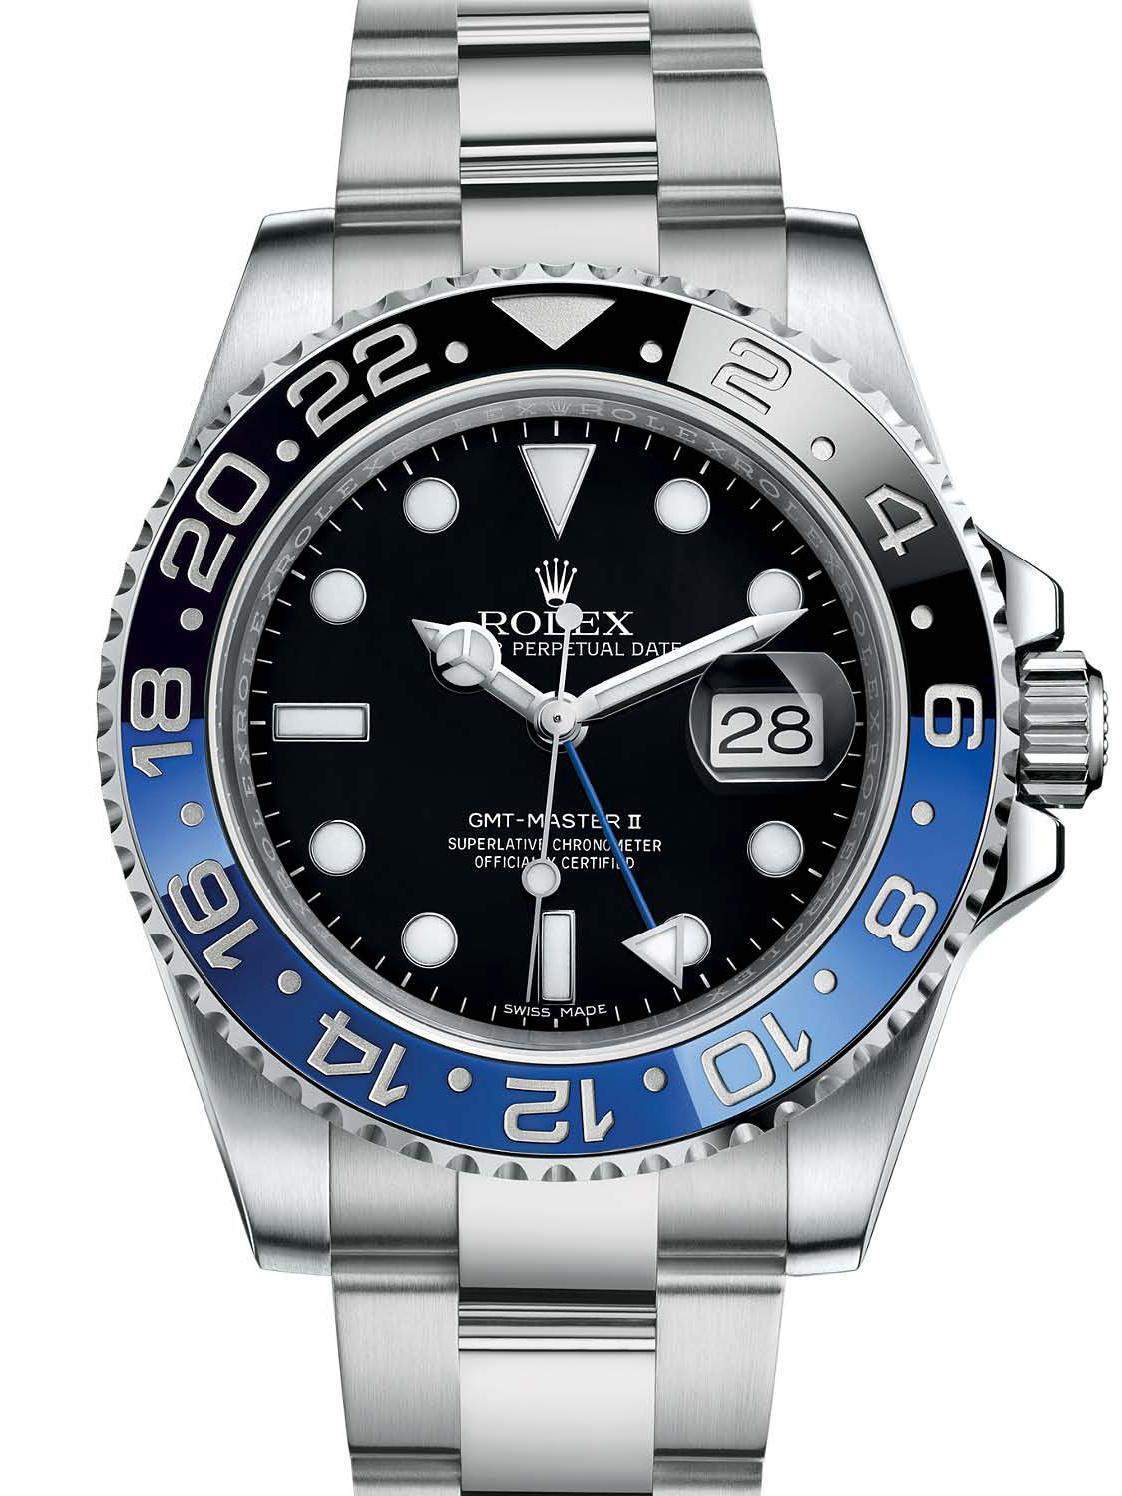 劳力士格林尼治型Ⅱ40精钢蓝黑陶瓷圈116710BLBR-0002